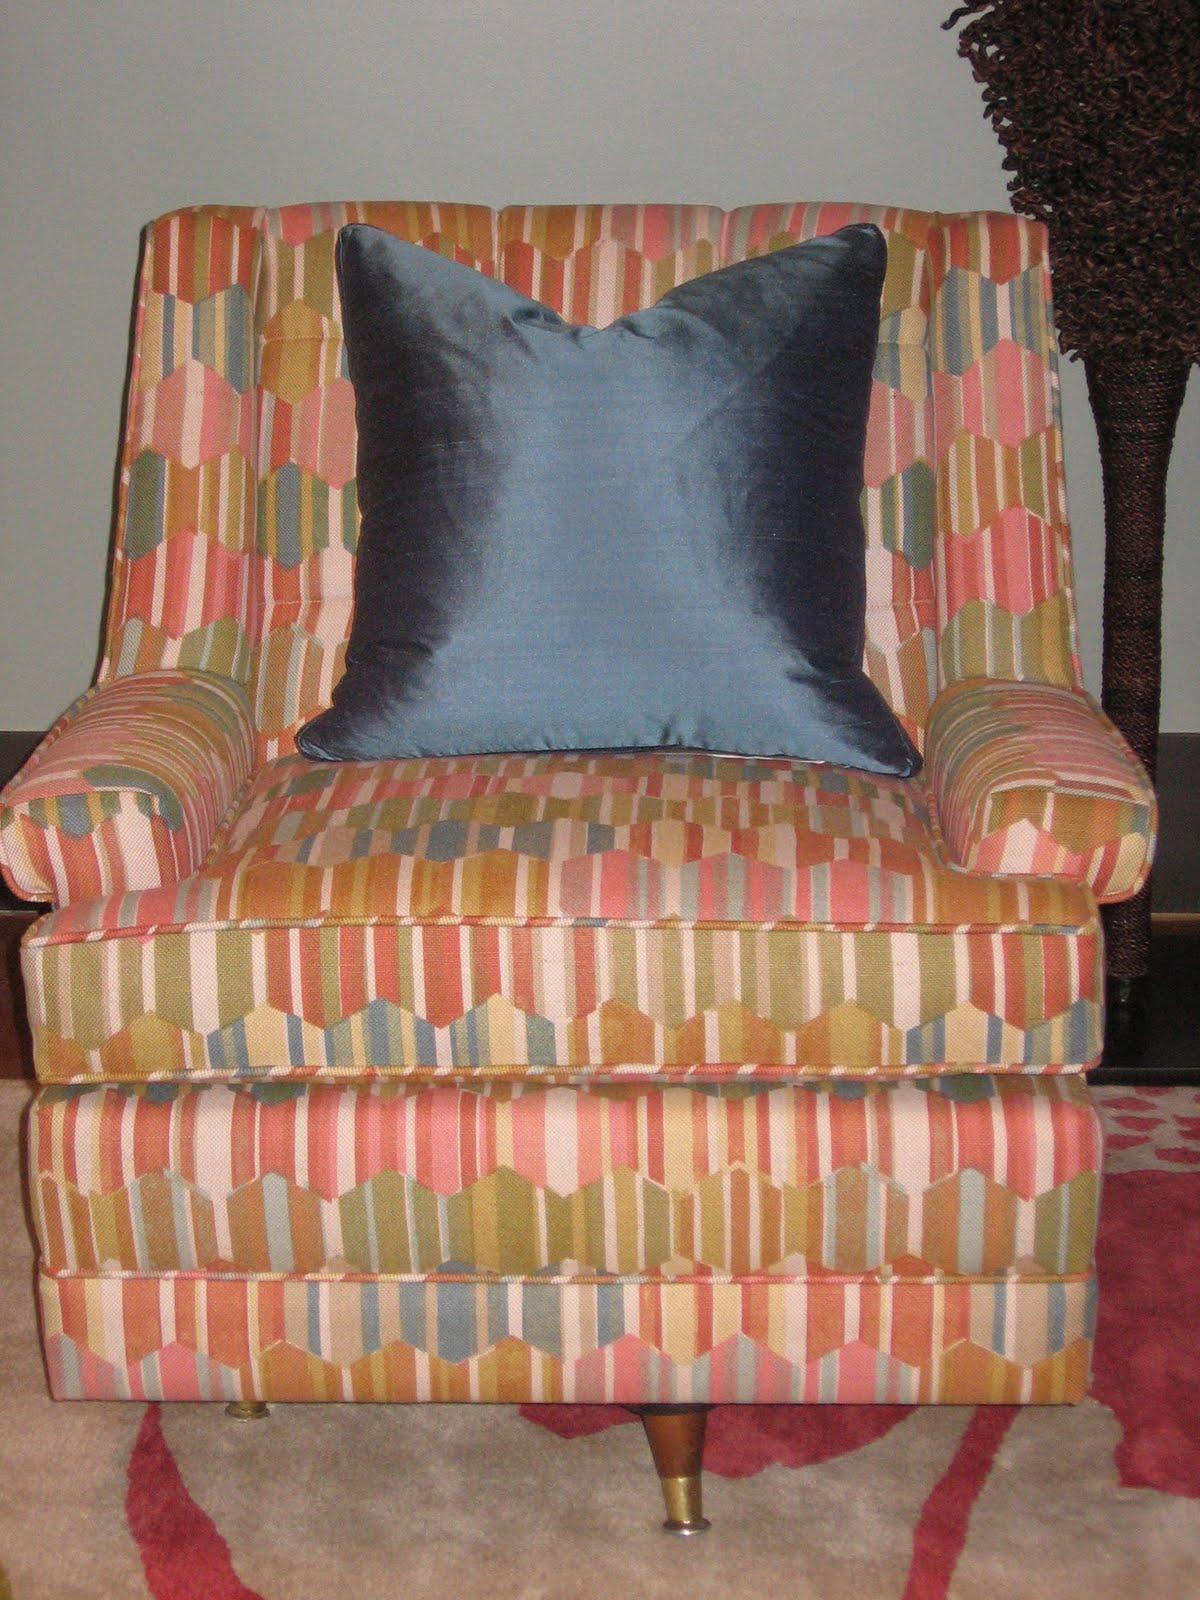 [Vintage+chair+2.JPG]